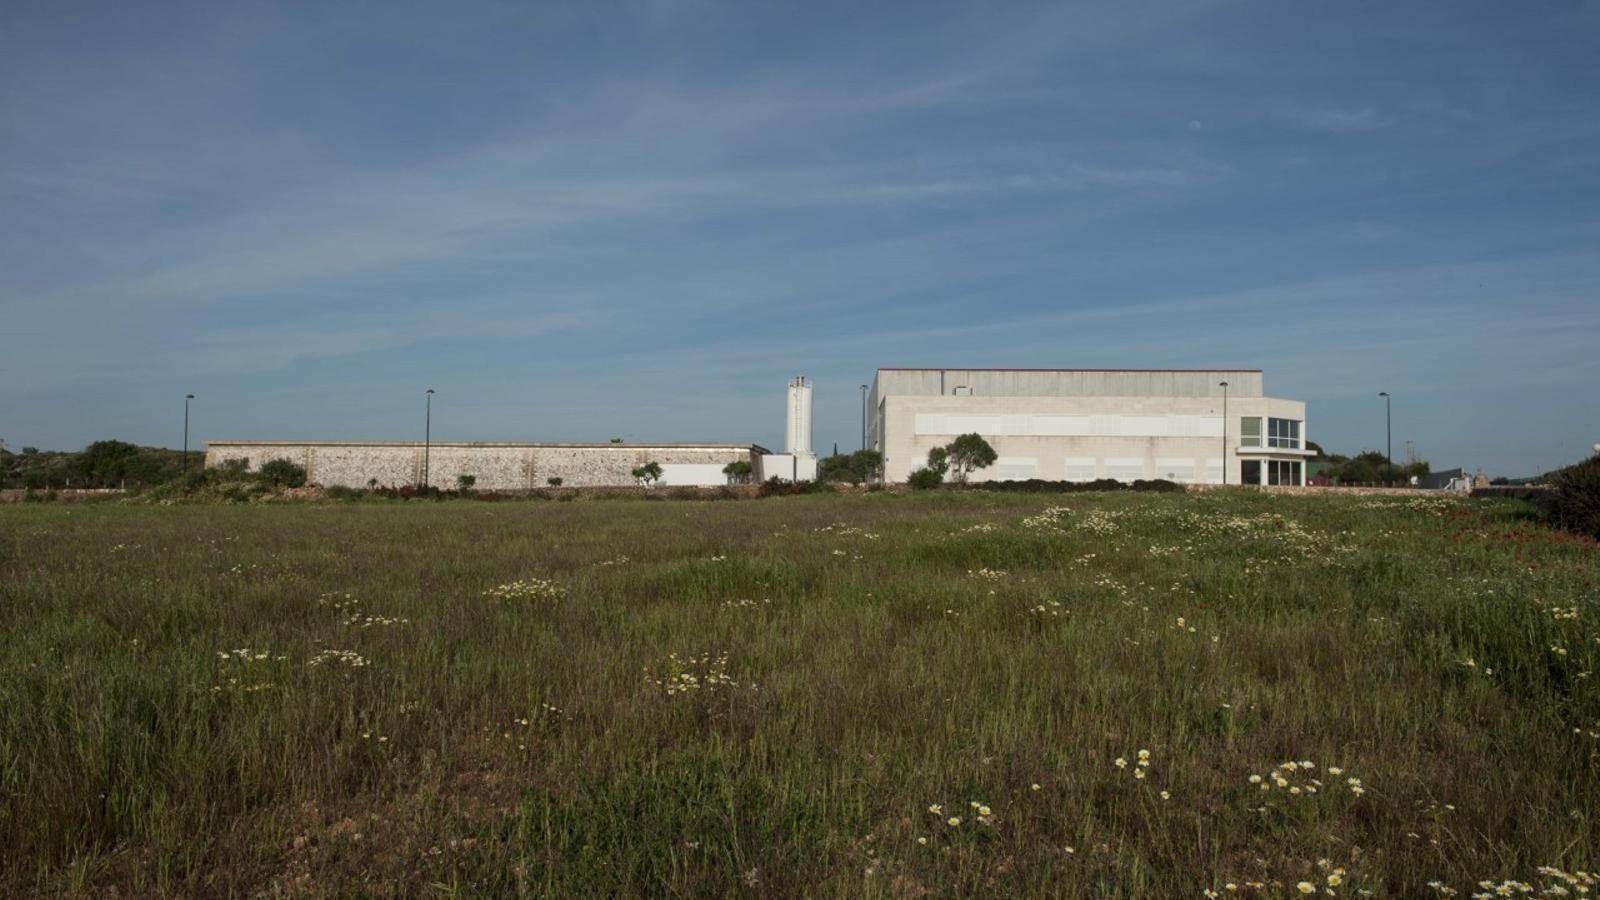 La planta d'emmagatzematge de Ciutadella s'ubicarà al costat de la Dessaladora, a la zona de Rafal Amagat.